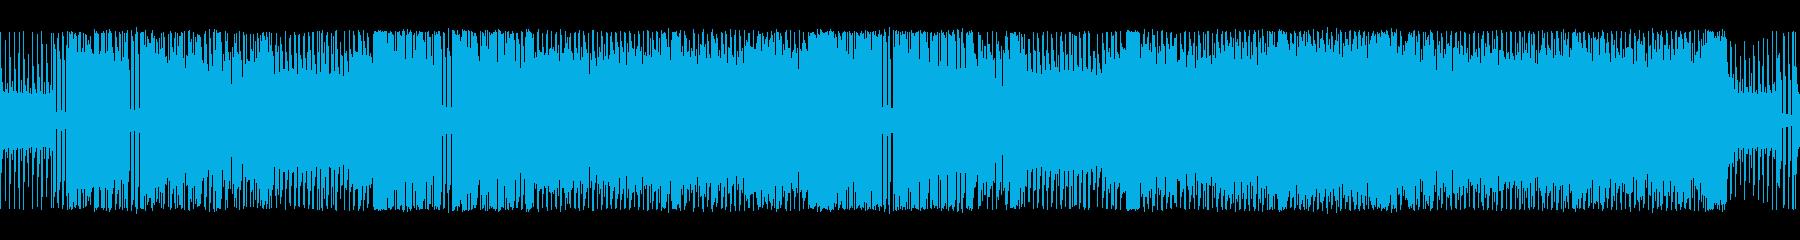 アクション向きなチップチューンサウンドの再生済みの波形